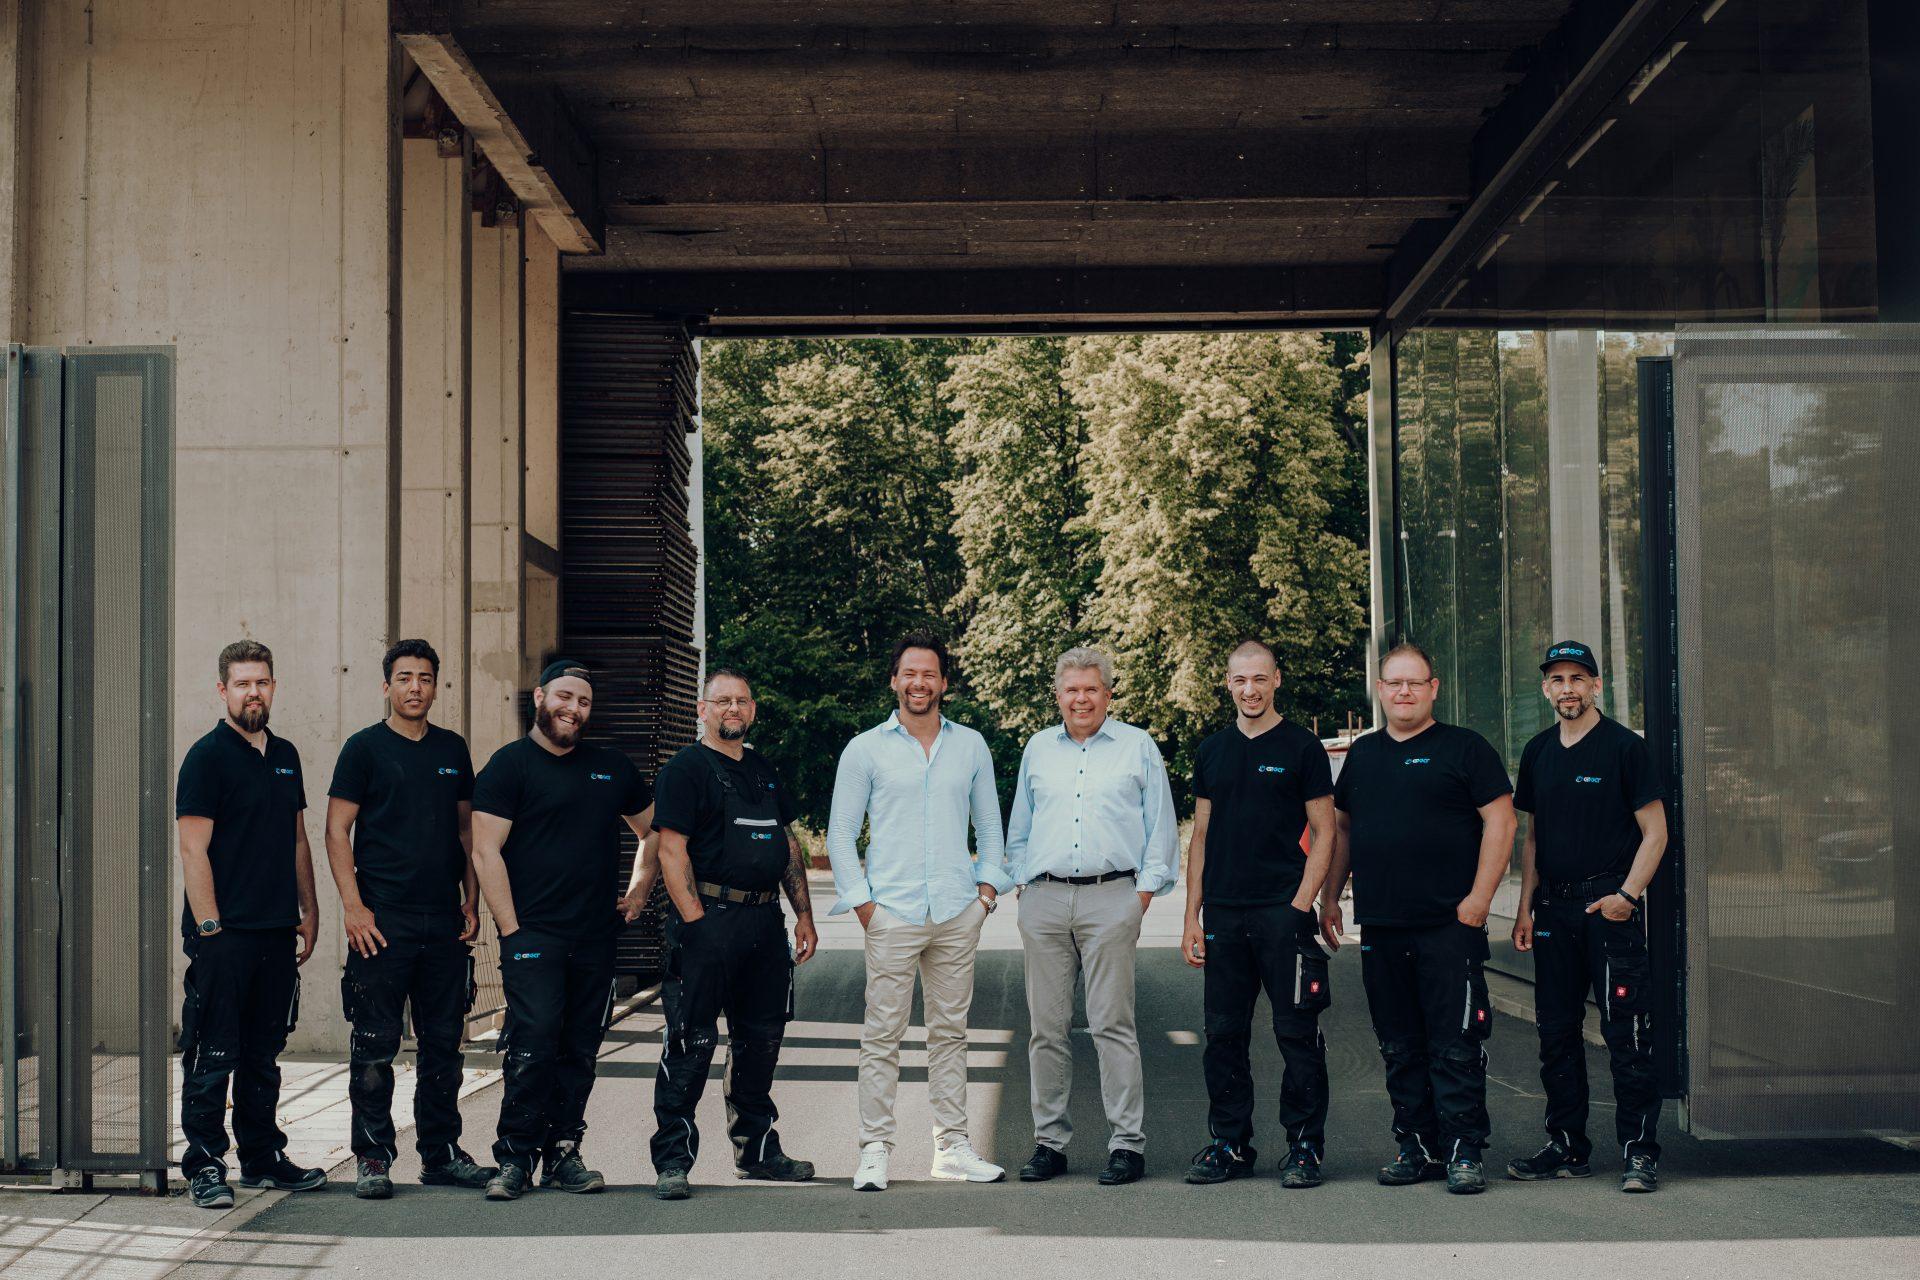 Das Team G-KKT vor dem Firmengebäude in Köln